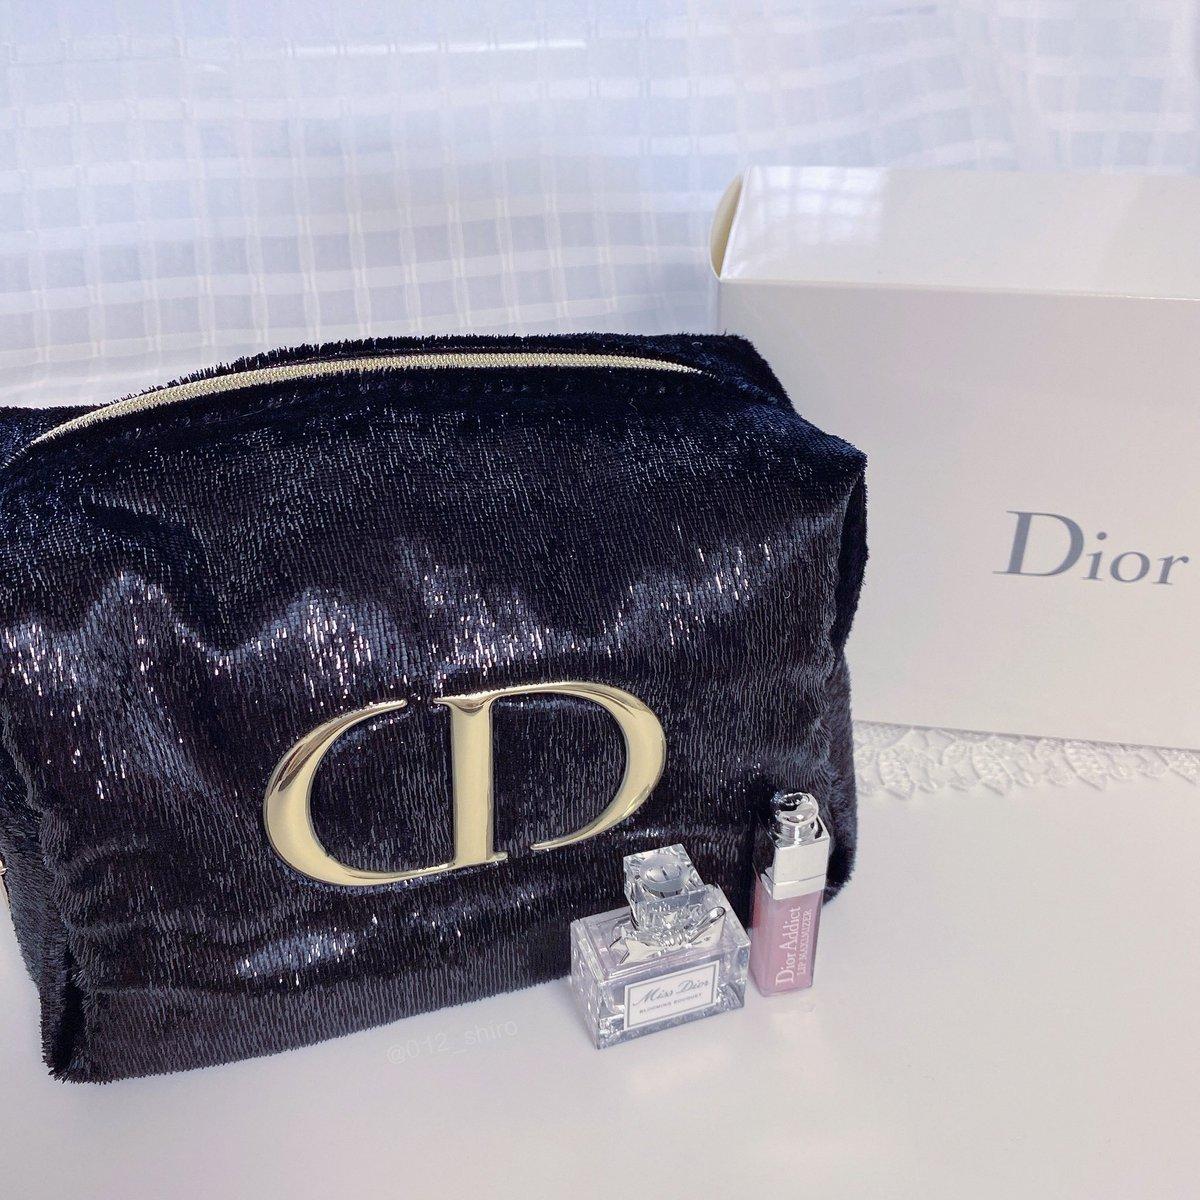 Diorがまたまた大奮発ノベルティキャンペーンをしていた…好きなリップorアイメイクアイテム+1,400円で、この大きめツヤツヤ黒ポーチとミニサイズのミスディオール(香水)&リップマキシマイザーがセットに。裏地のデザインと星チャームも可愛すぎる。クリスマスオファー最高…!!🎄💫